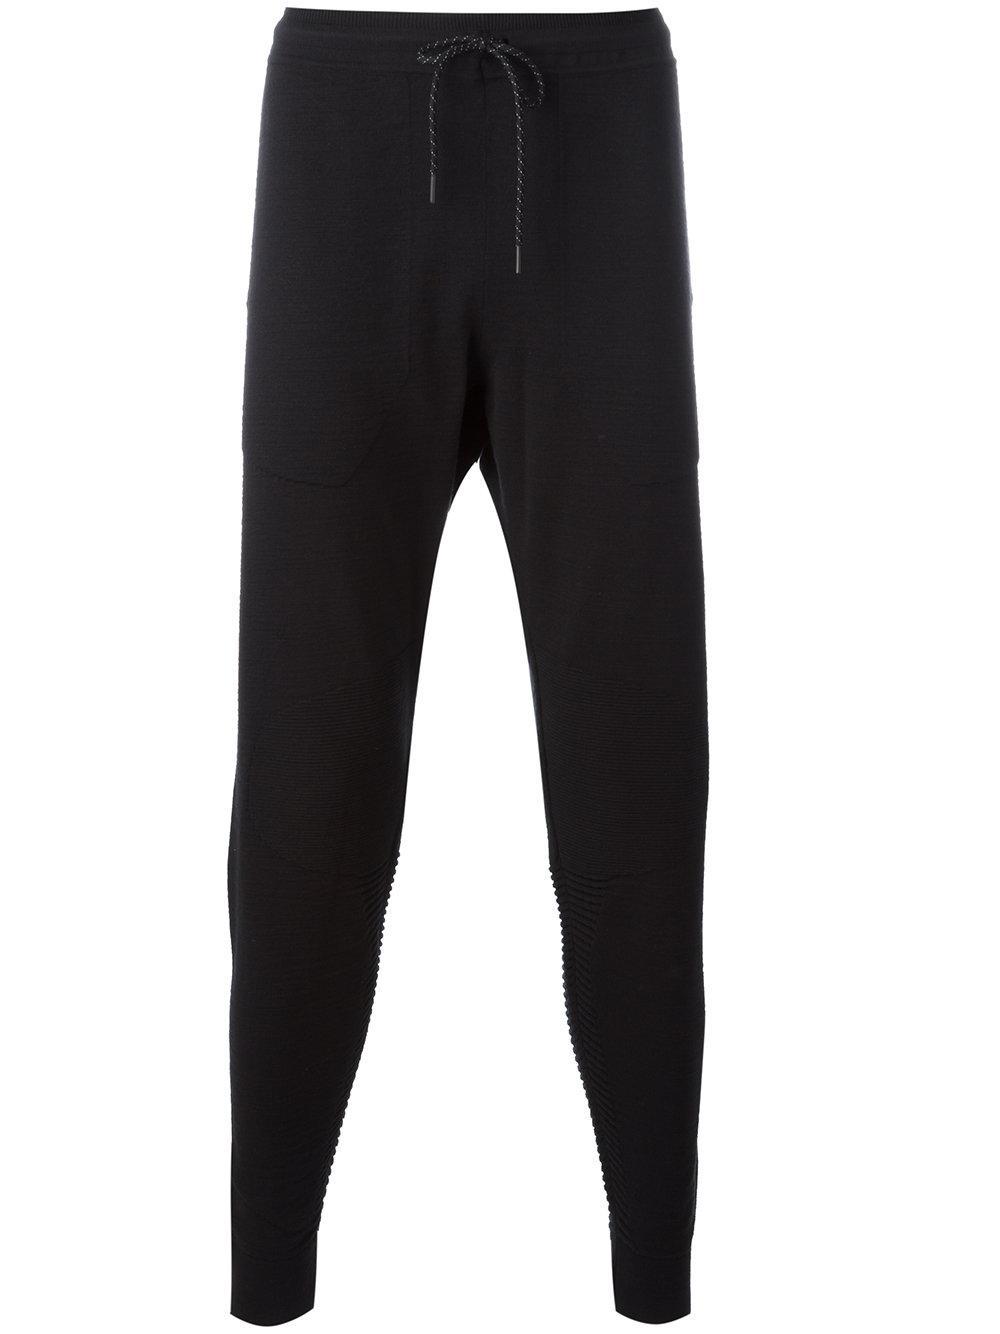 Nike Technical Knit Track Pants Men Cotton Nylon